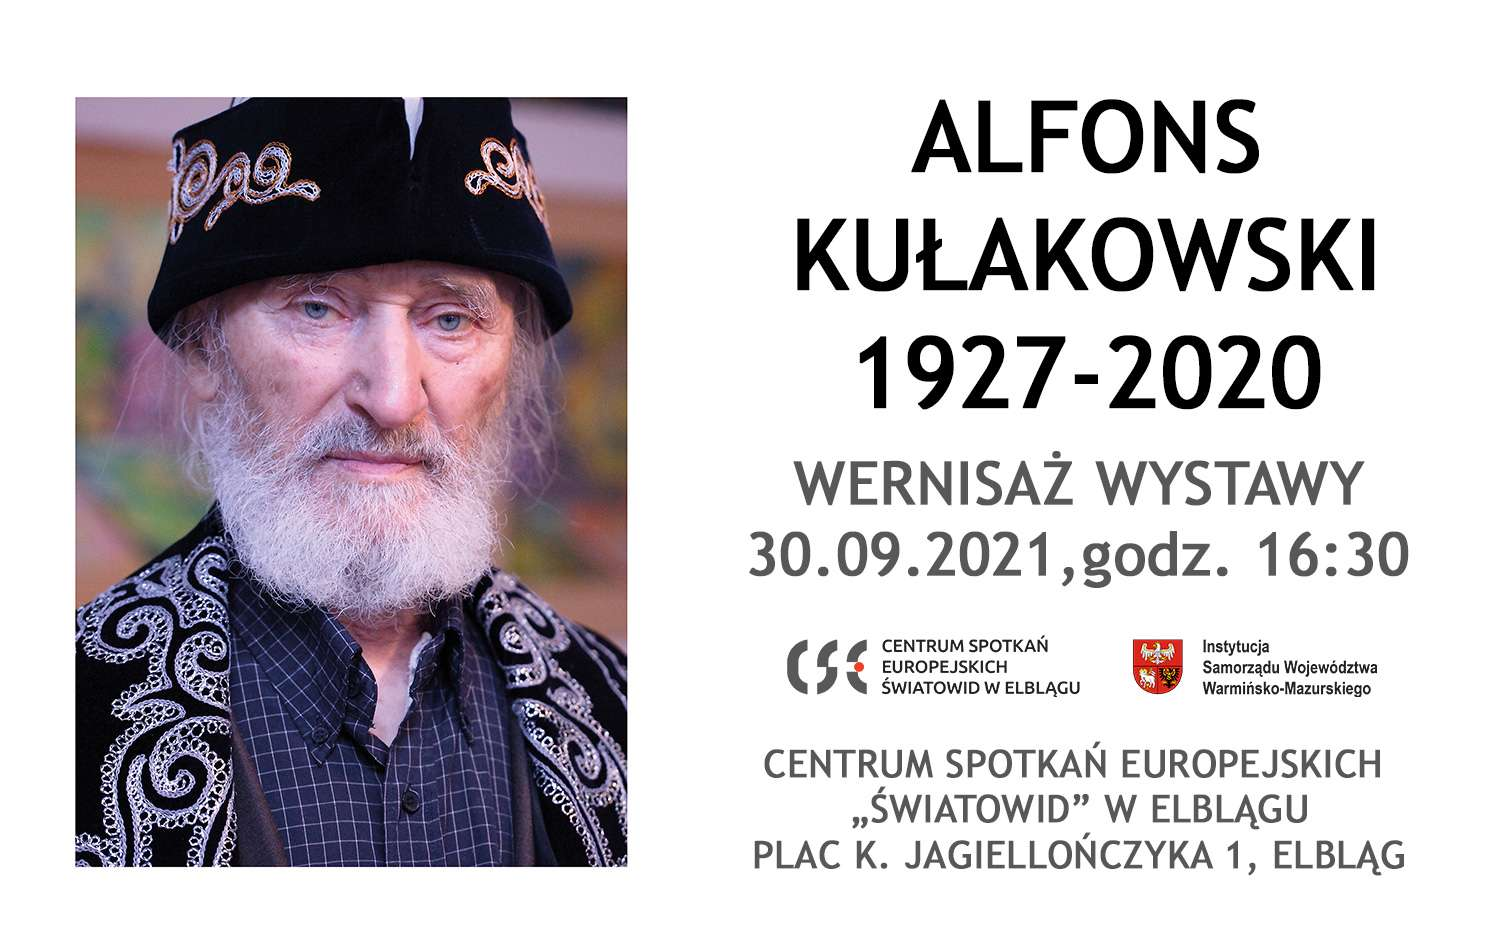 Wernisaż wystawy Alfonsa Kułakowskiego